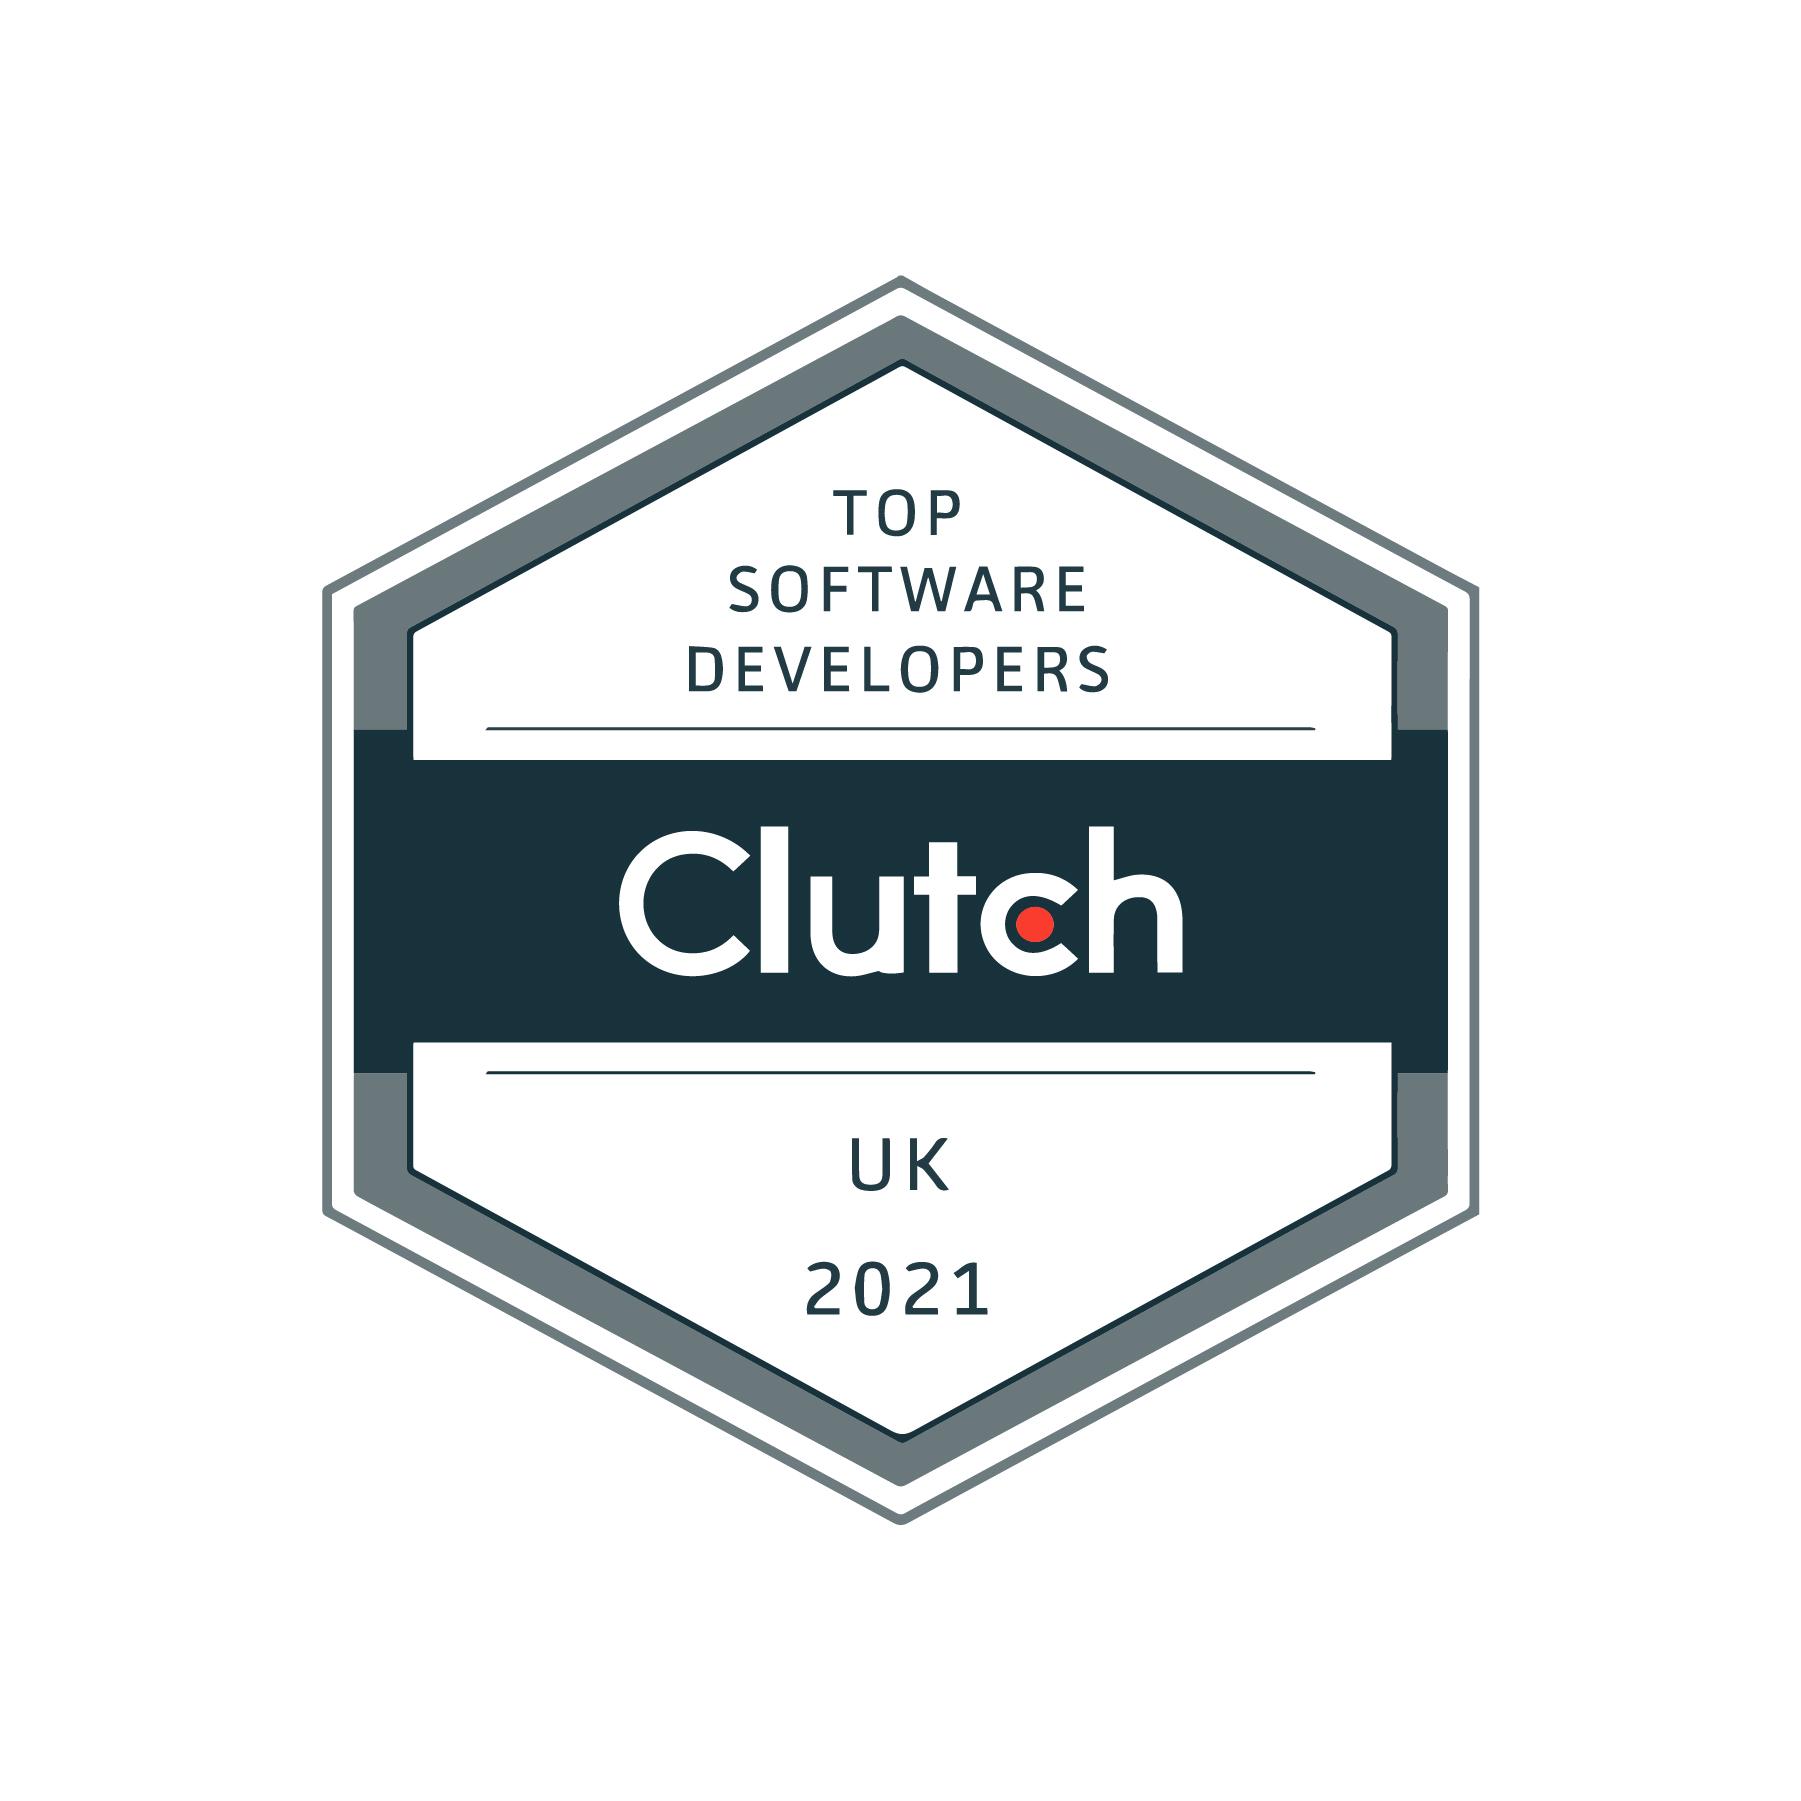 Clutch UK 2021